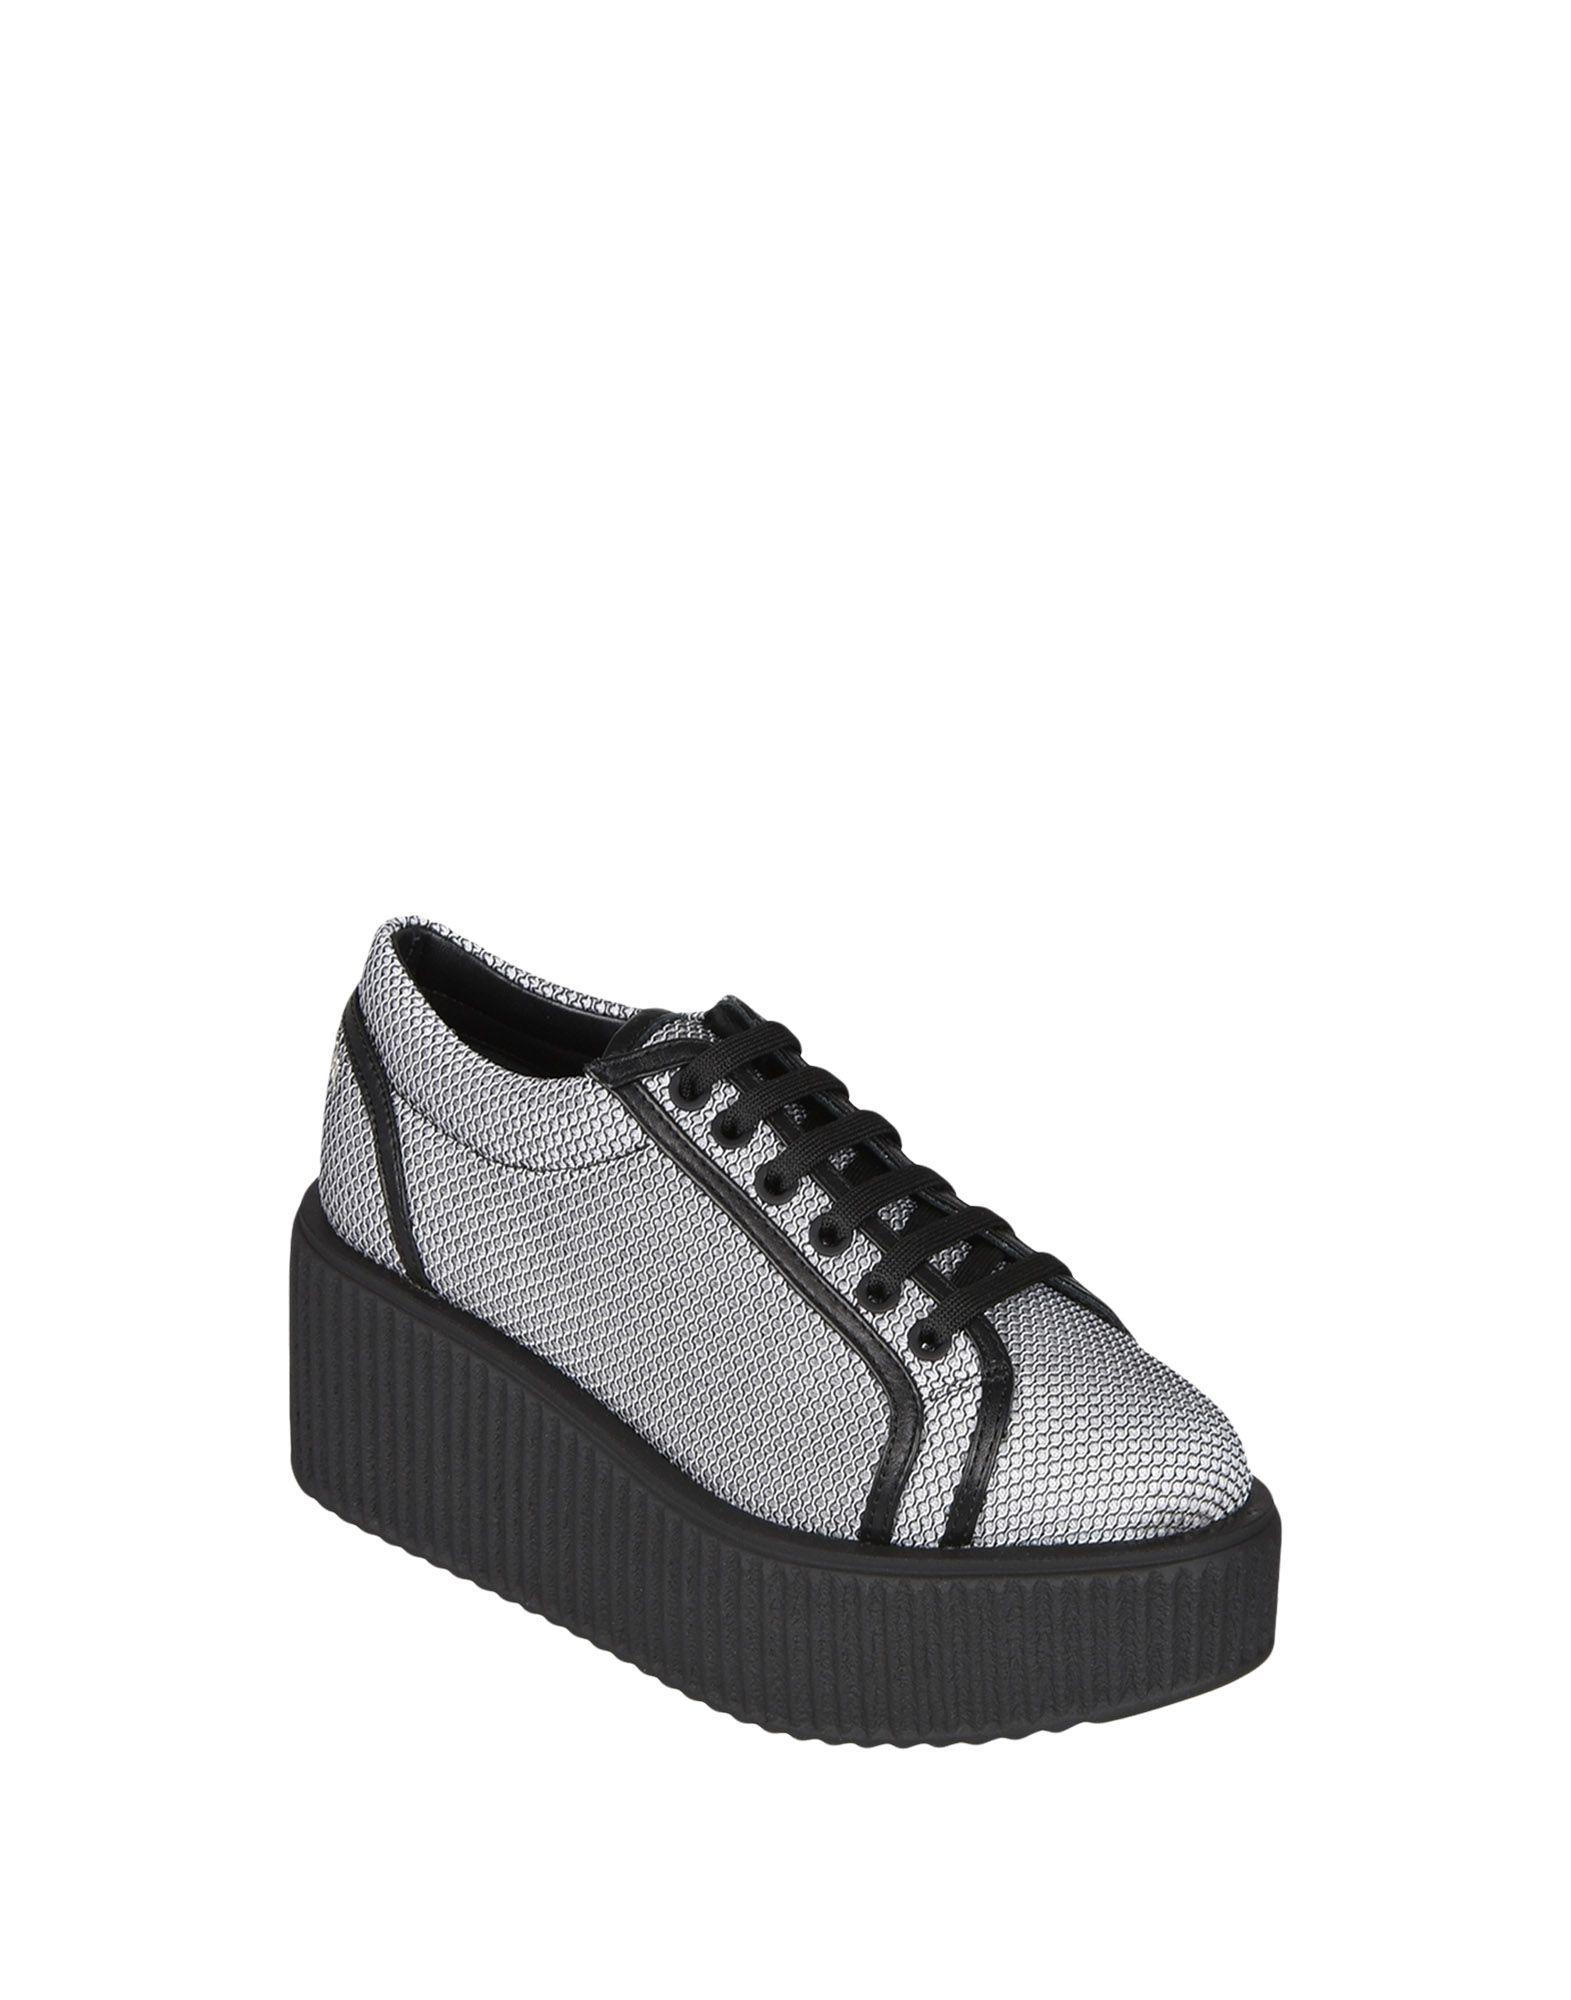 Sneakers Karl Lagerfeld Femme - Sneakers Karl Lagerfeld sur